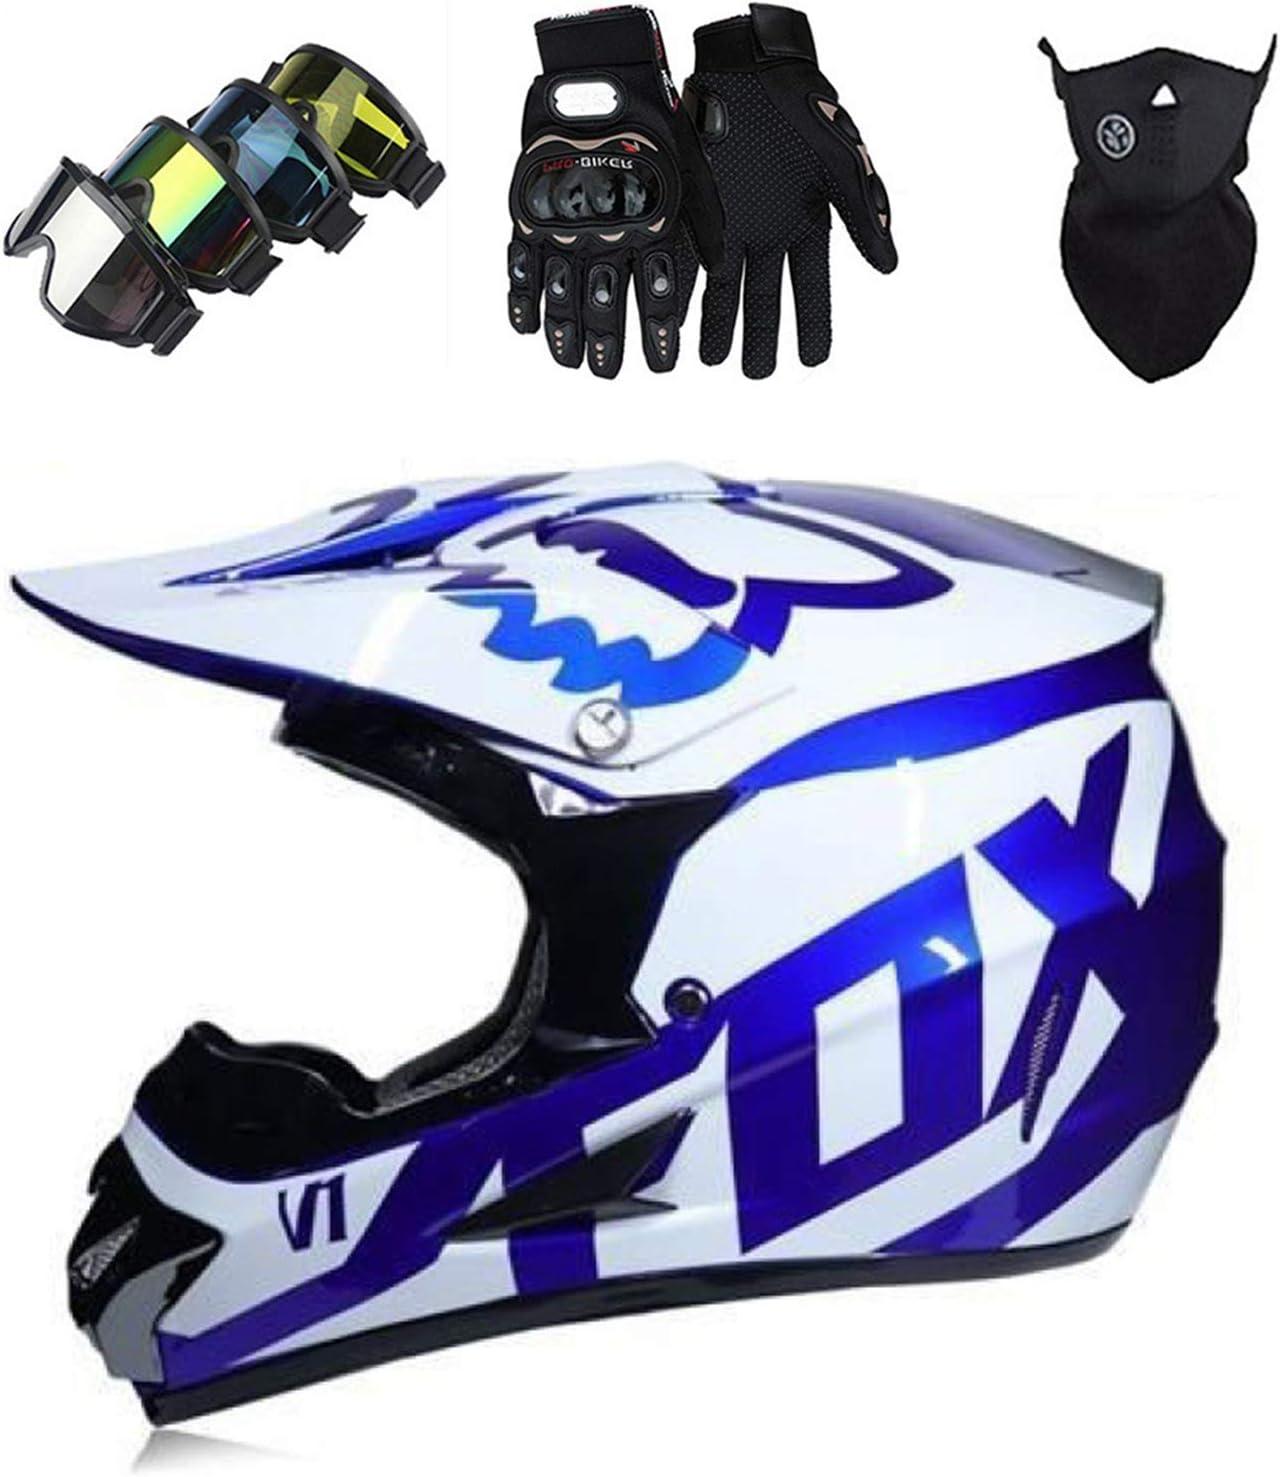 Cascos Integrales Infantil con Guantes Gafas Máscara, Aprobado DOT Conjunto Casco Motocross Motocicleta Adultos Casco protector Offroad Dirt Bike con Diseño FOX, Blanco Azul